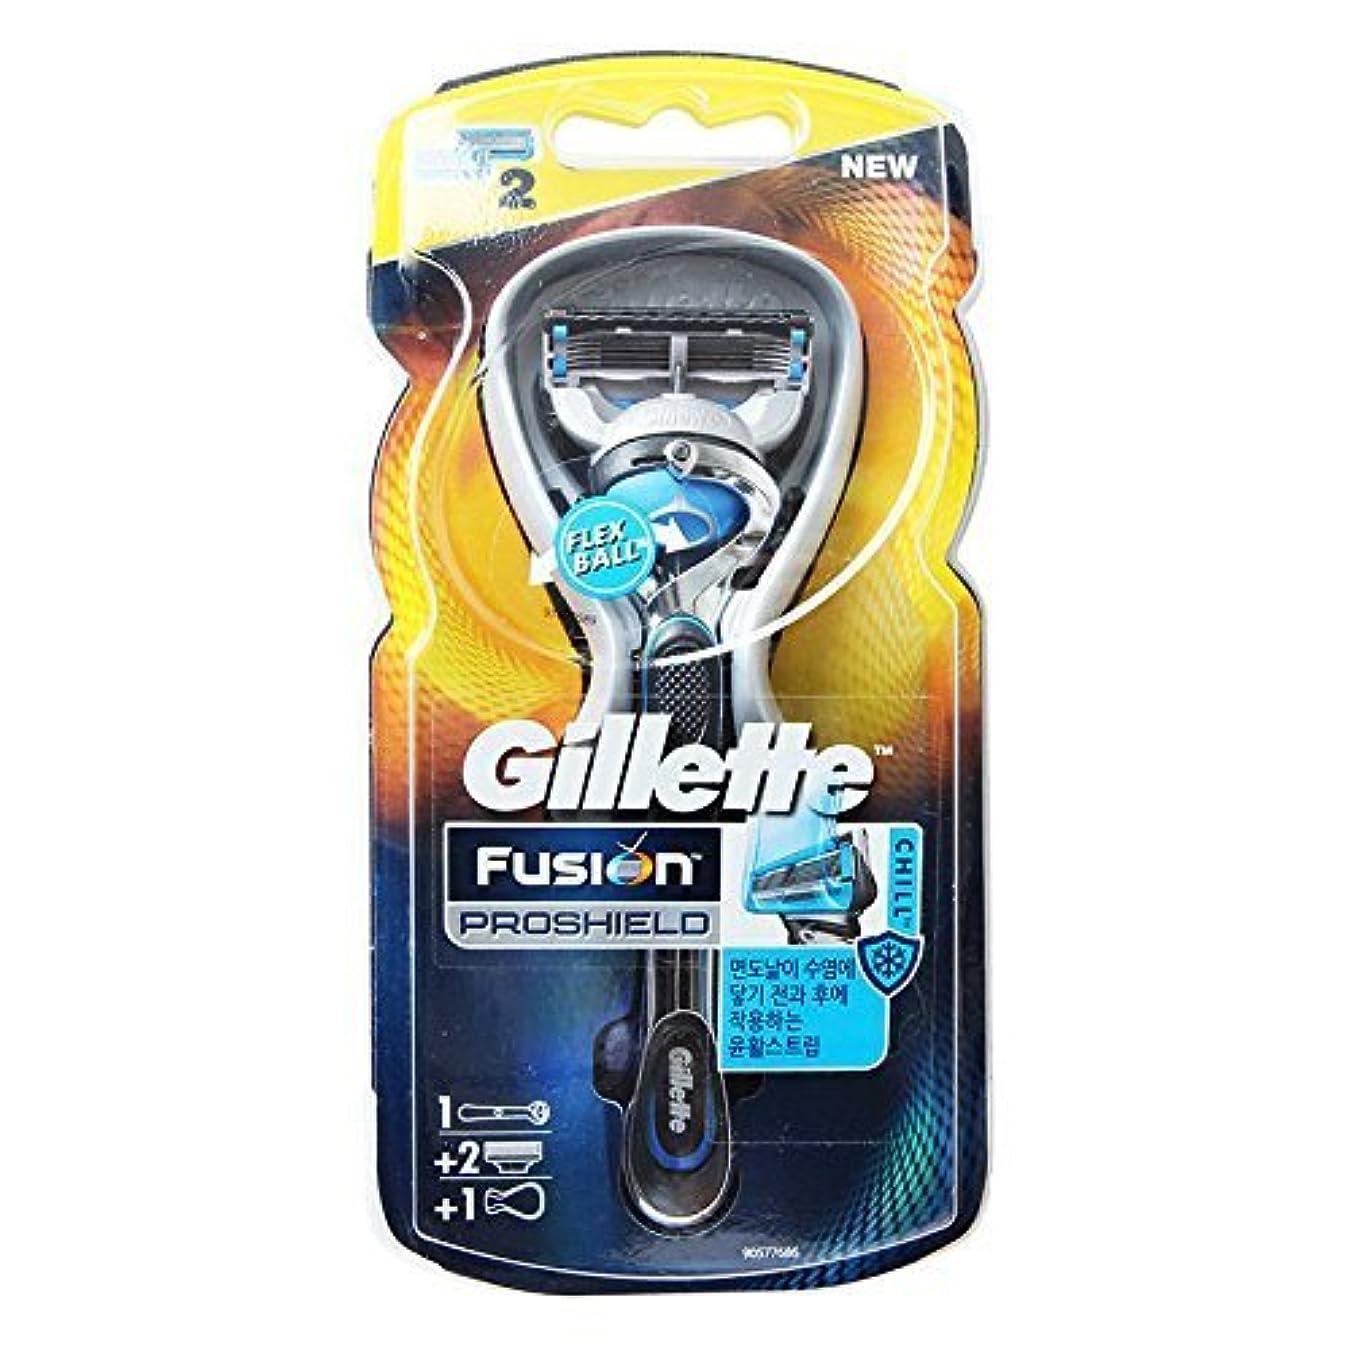 歯科のアラブ人スペインGillette Fusion Proshield Chill Blue フレックスボールレザーブレードリフィル付きメンズカミソリ2カウント [並行輸入品]